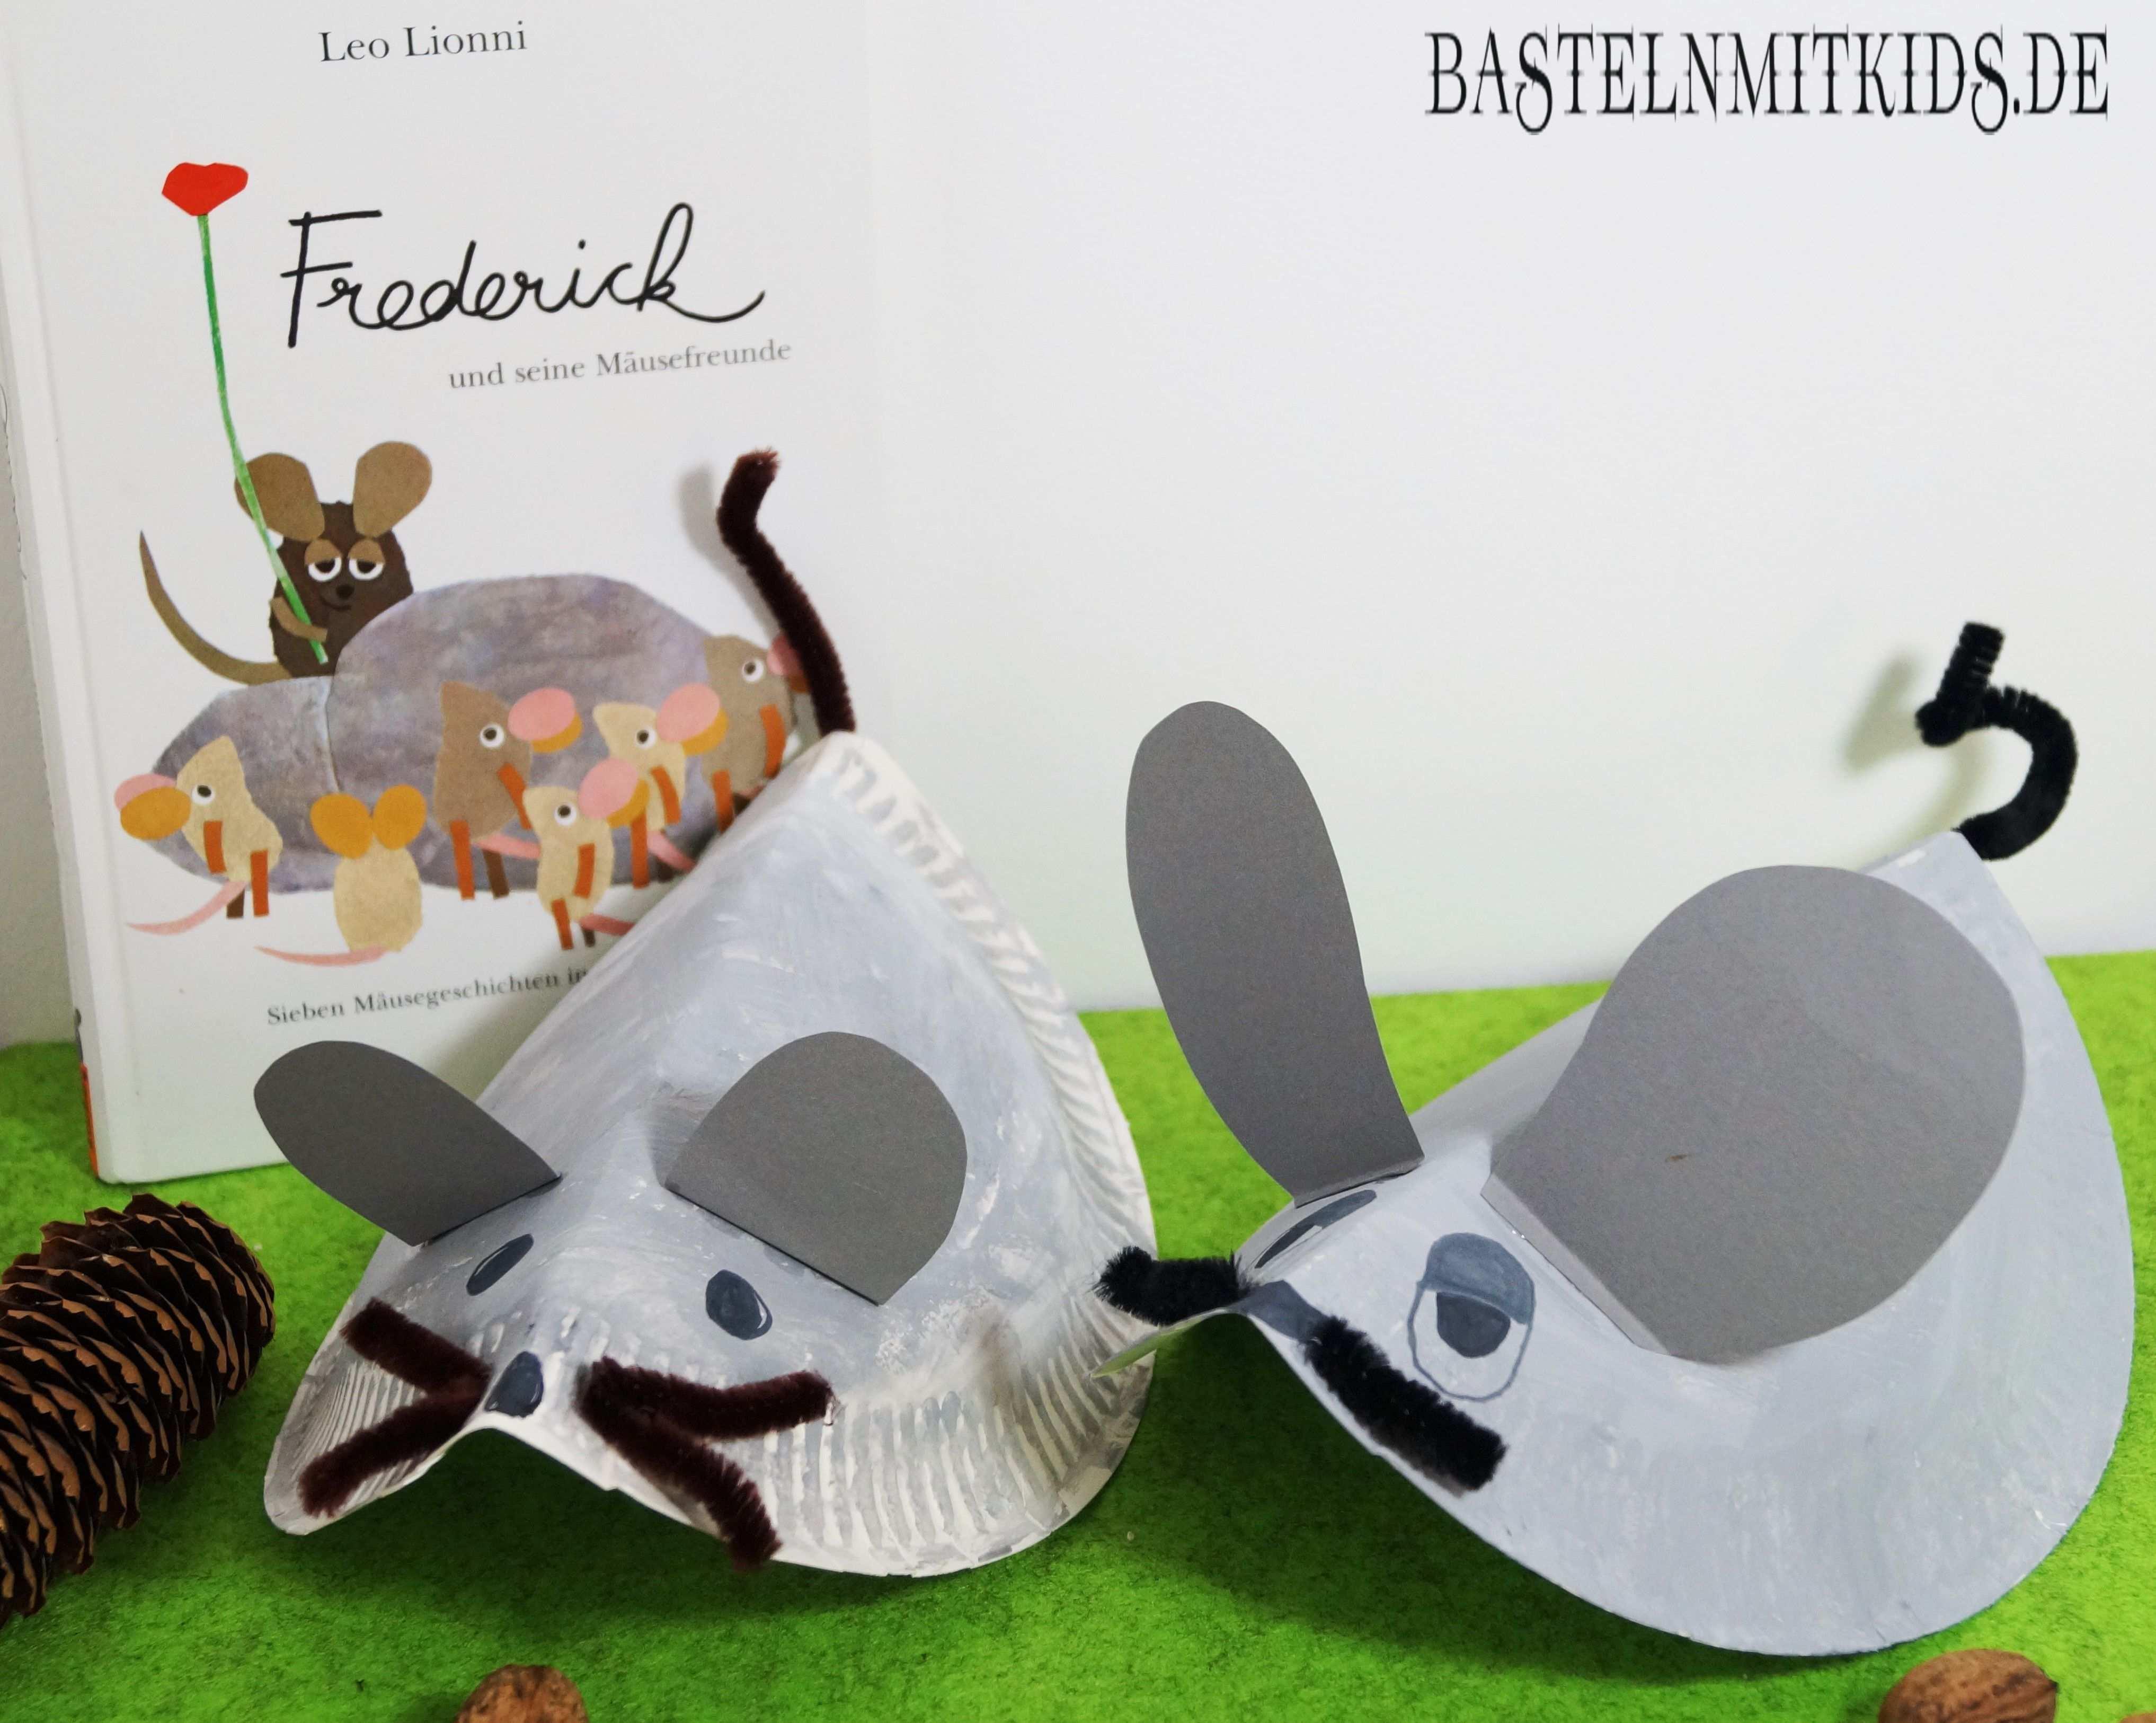 Eine Maus Basteln Mit Papiertellern Basteln Mit Kindern Maus Basteln Basteln Basteln Mit Kindern